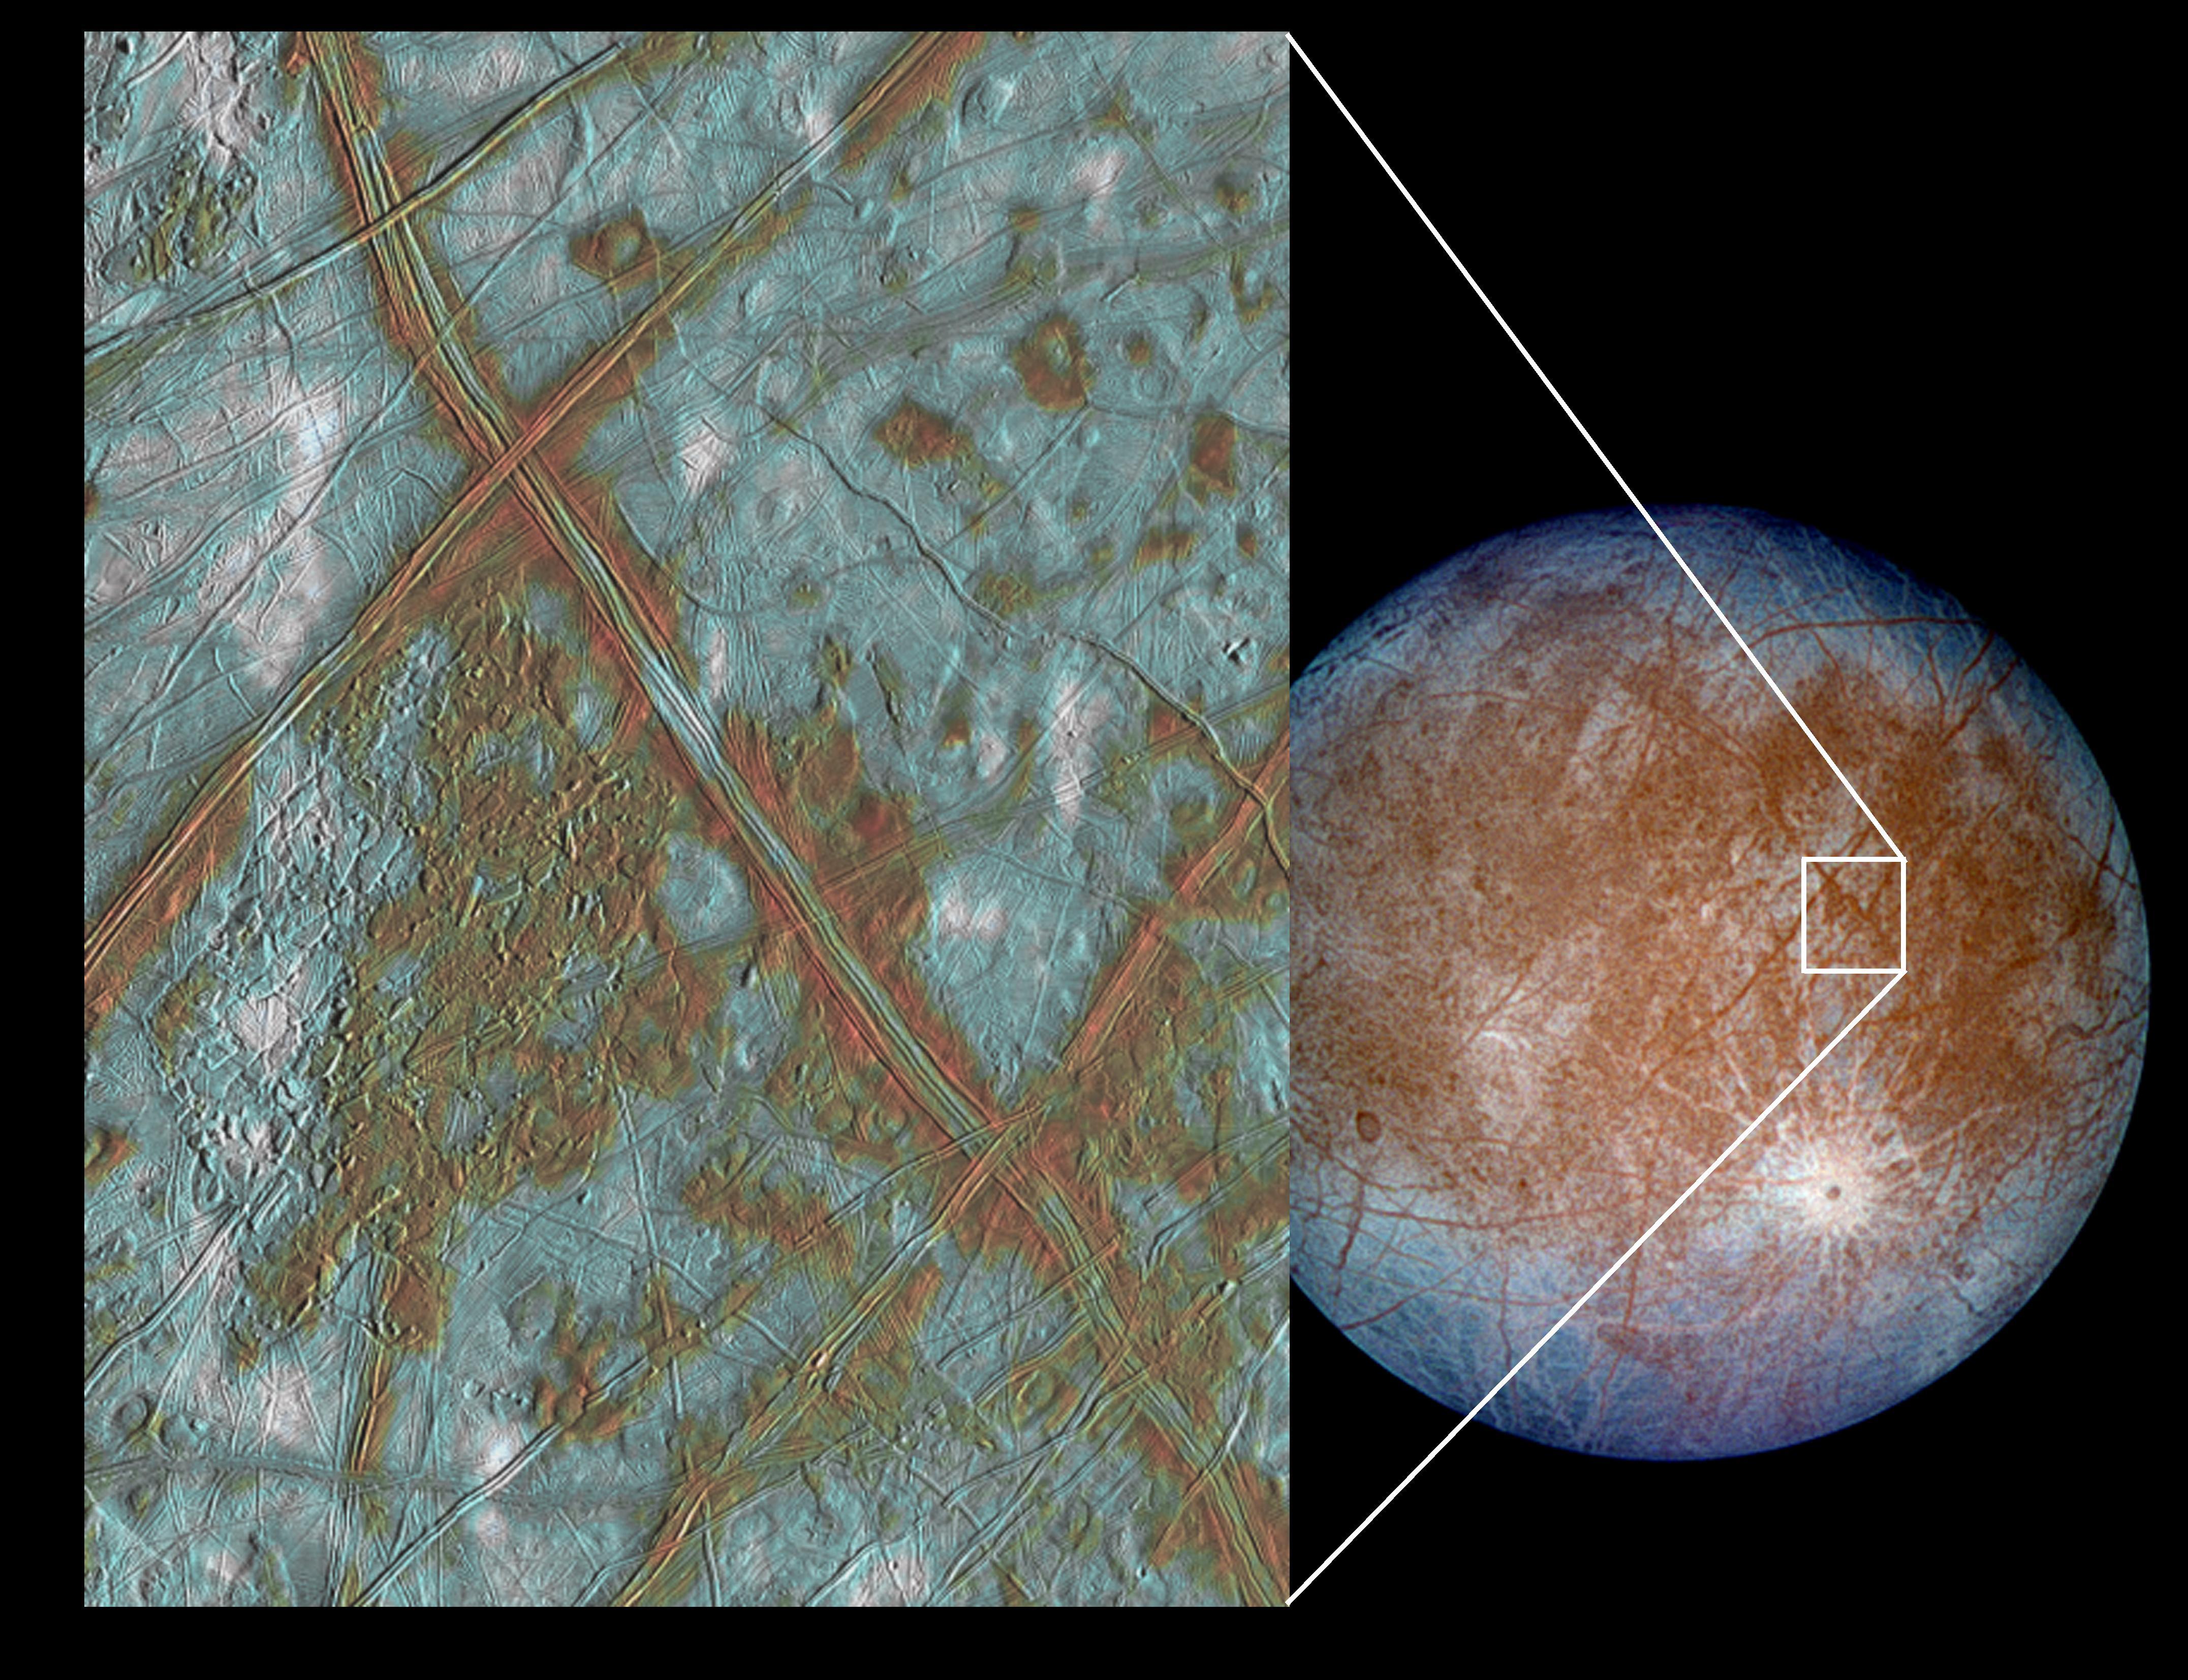 Europa - More Evidence of Subterranean Ocean  PIA03002